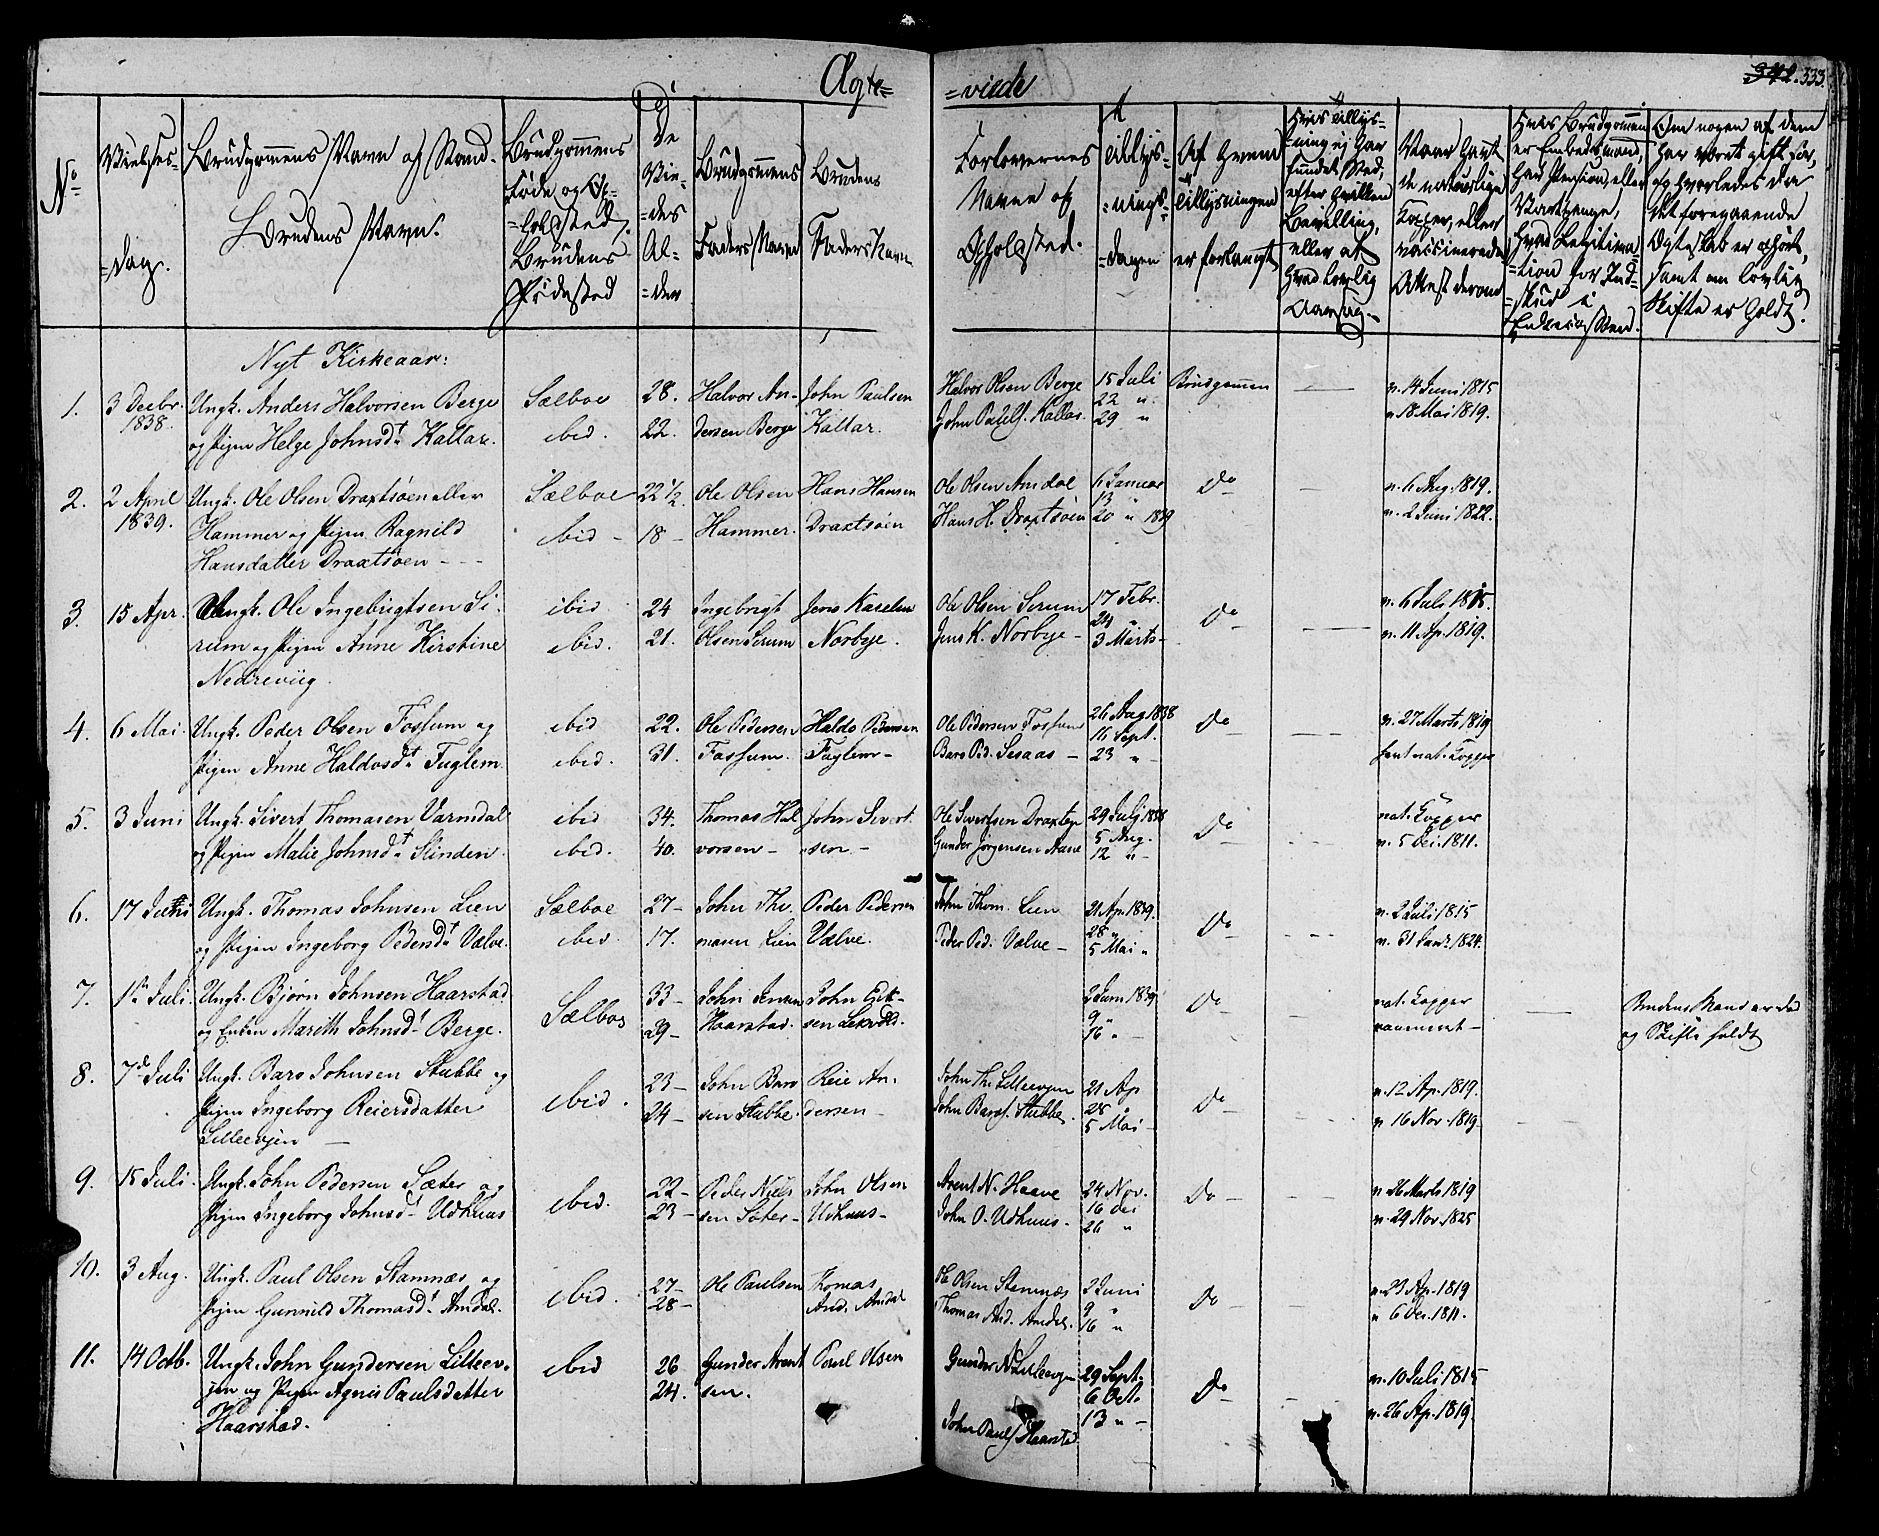 SAT, Ministerialprotokoller, klokkerbøker og fødselsregistre - Sør-Trøndelag, 695/L1143: Ministerialbok nr. 695A05 /1, 1824-1842, s. 333